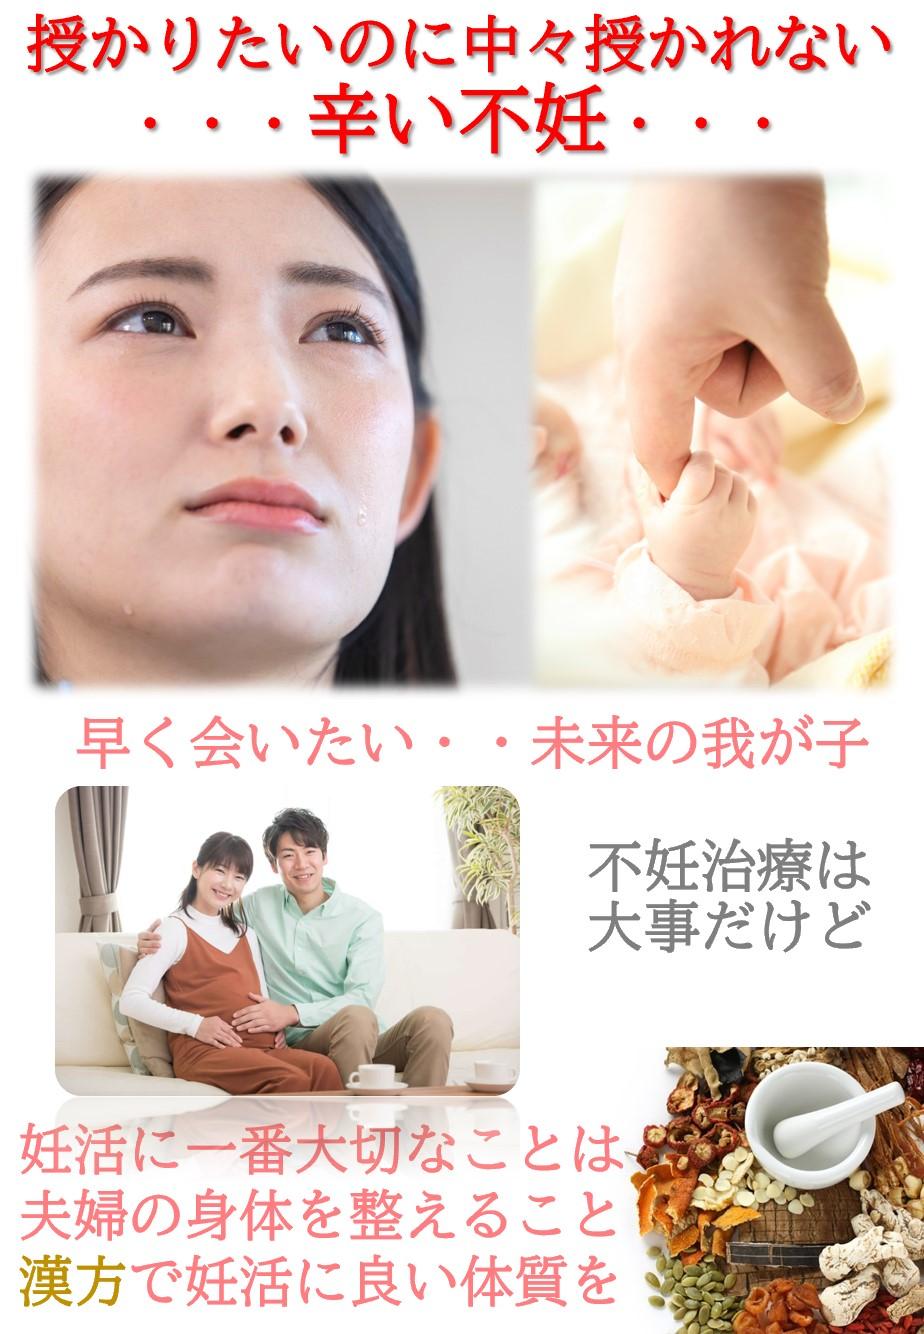 不妊治療を行っても、夫婦で妊活を行ってもなかなか妊娠しない辛い状態。もしかすると父母の配偶子の状態が良くないのかもしれません。